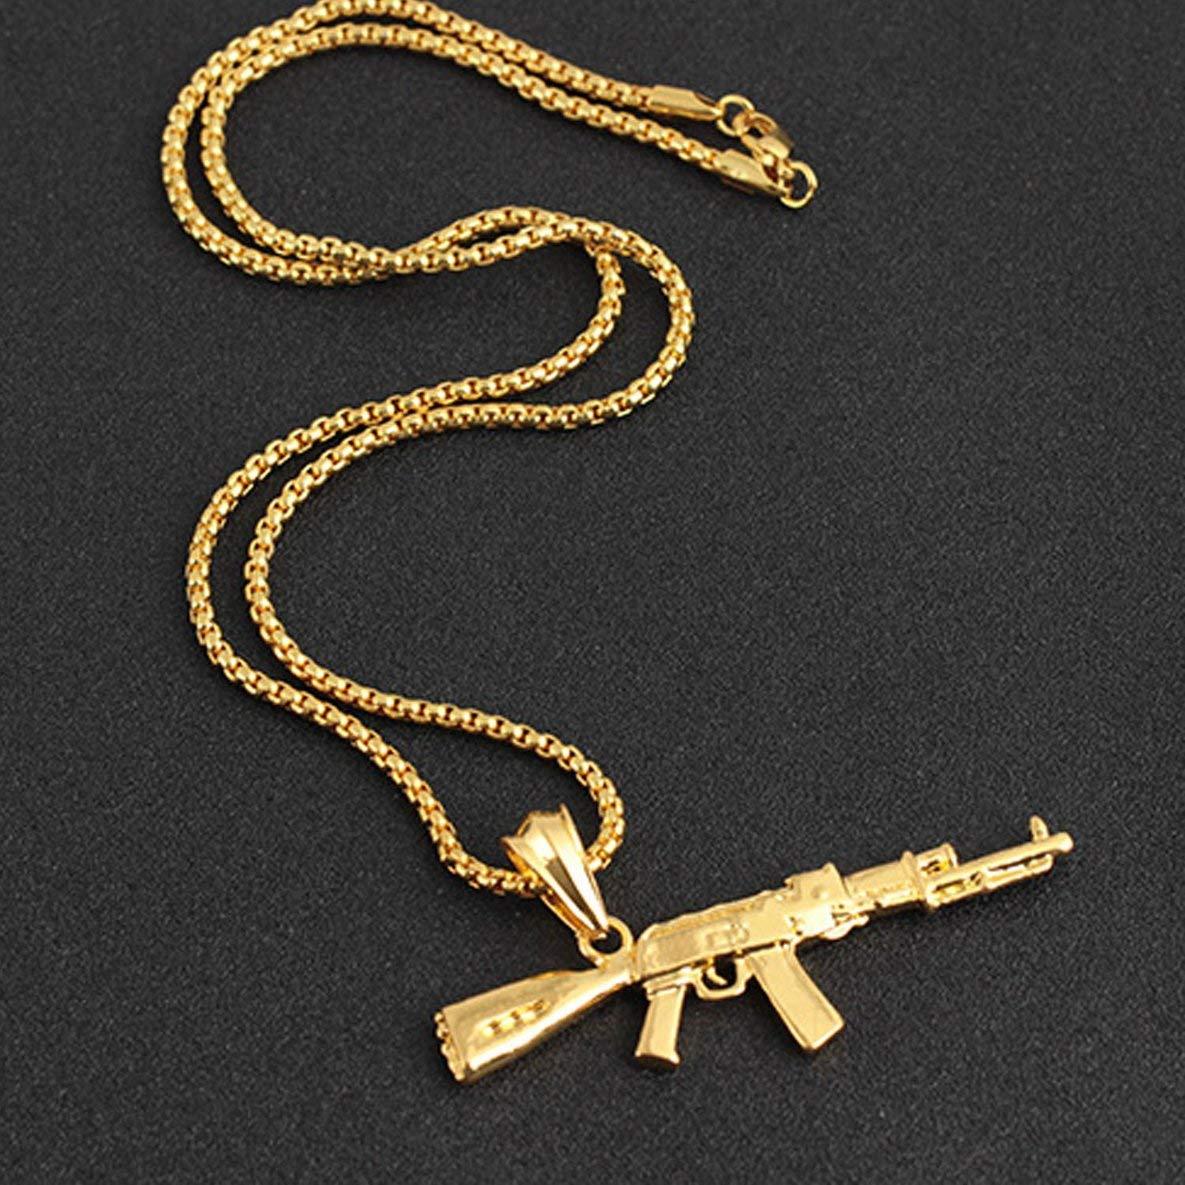 Noradtjcca Collier Pendentif Pistolet Hip hop